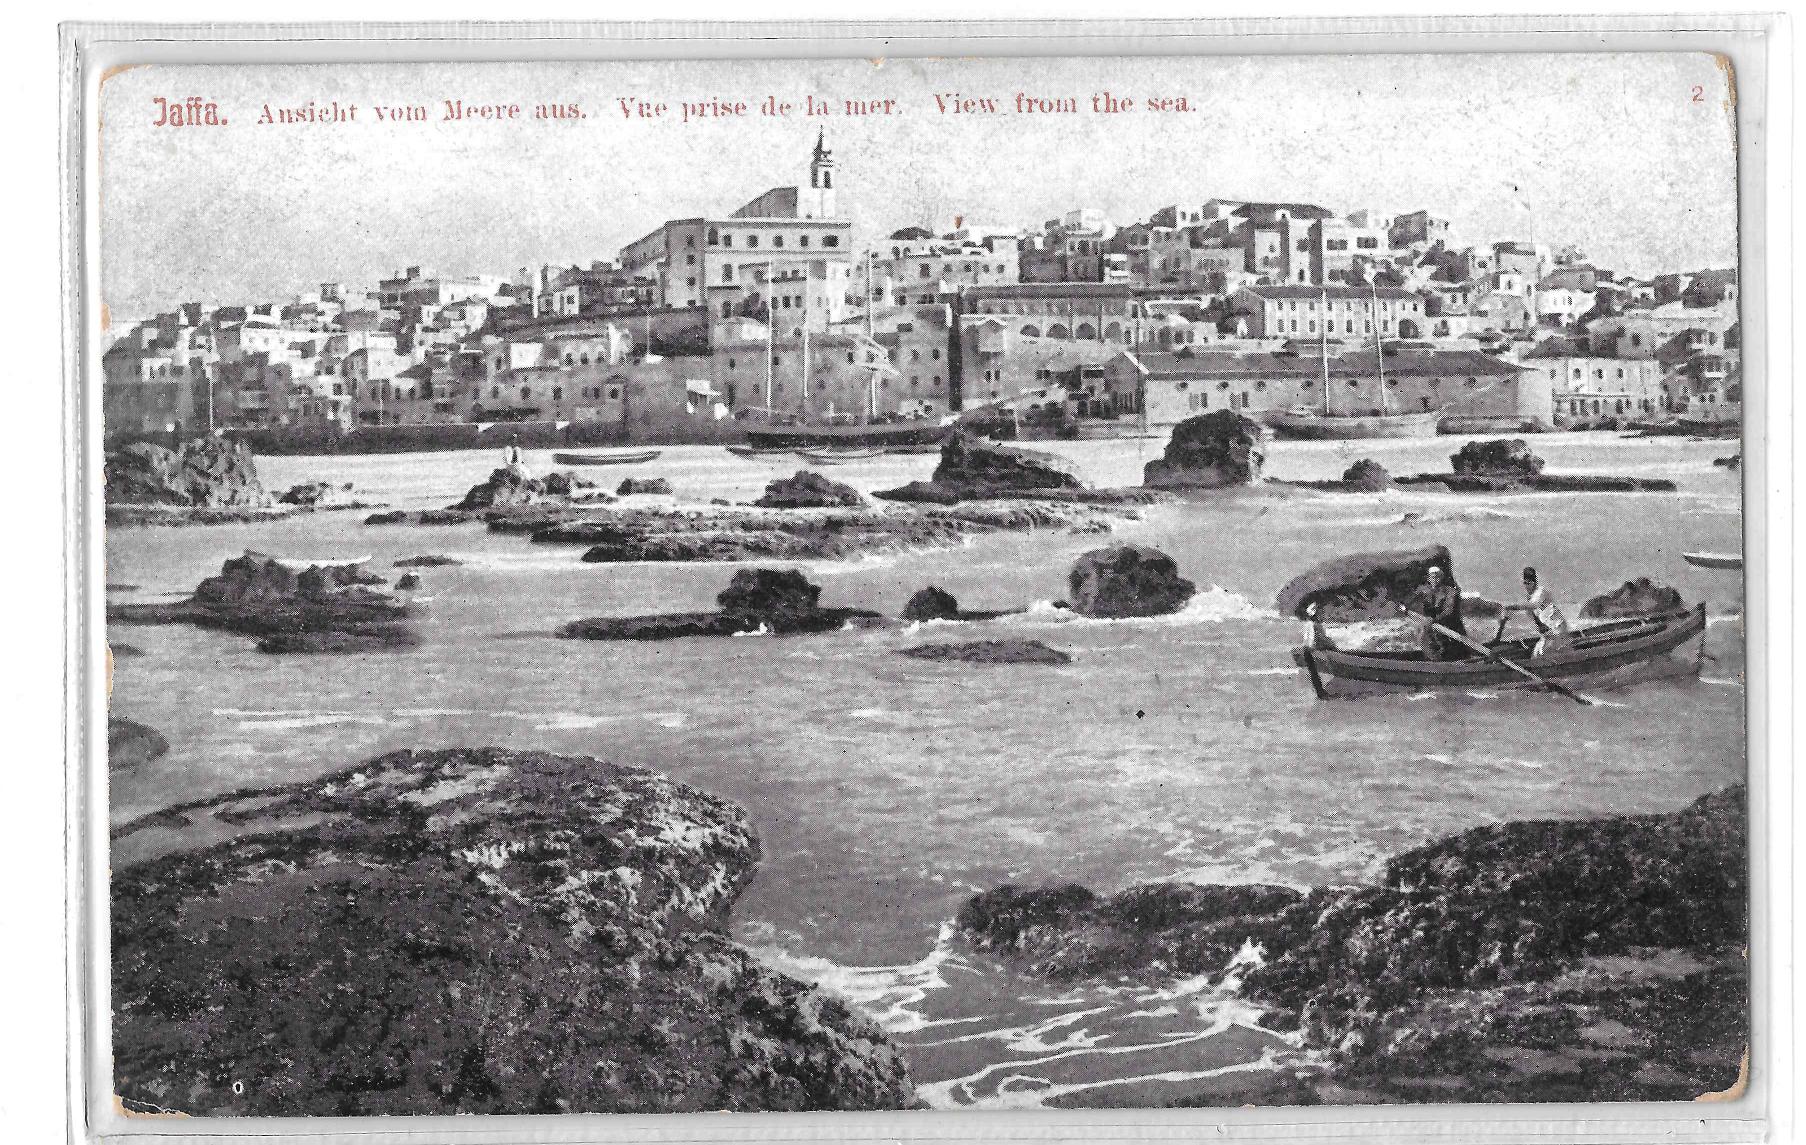 عام من البحر لمدينة يافا.jpg